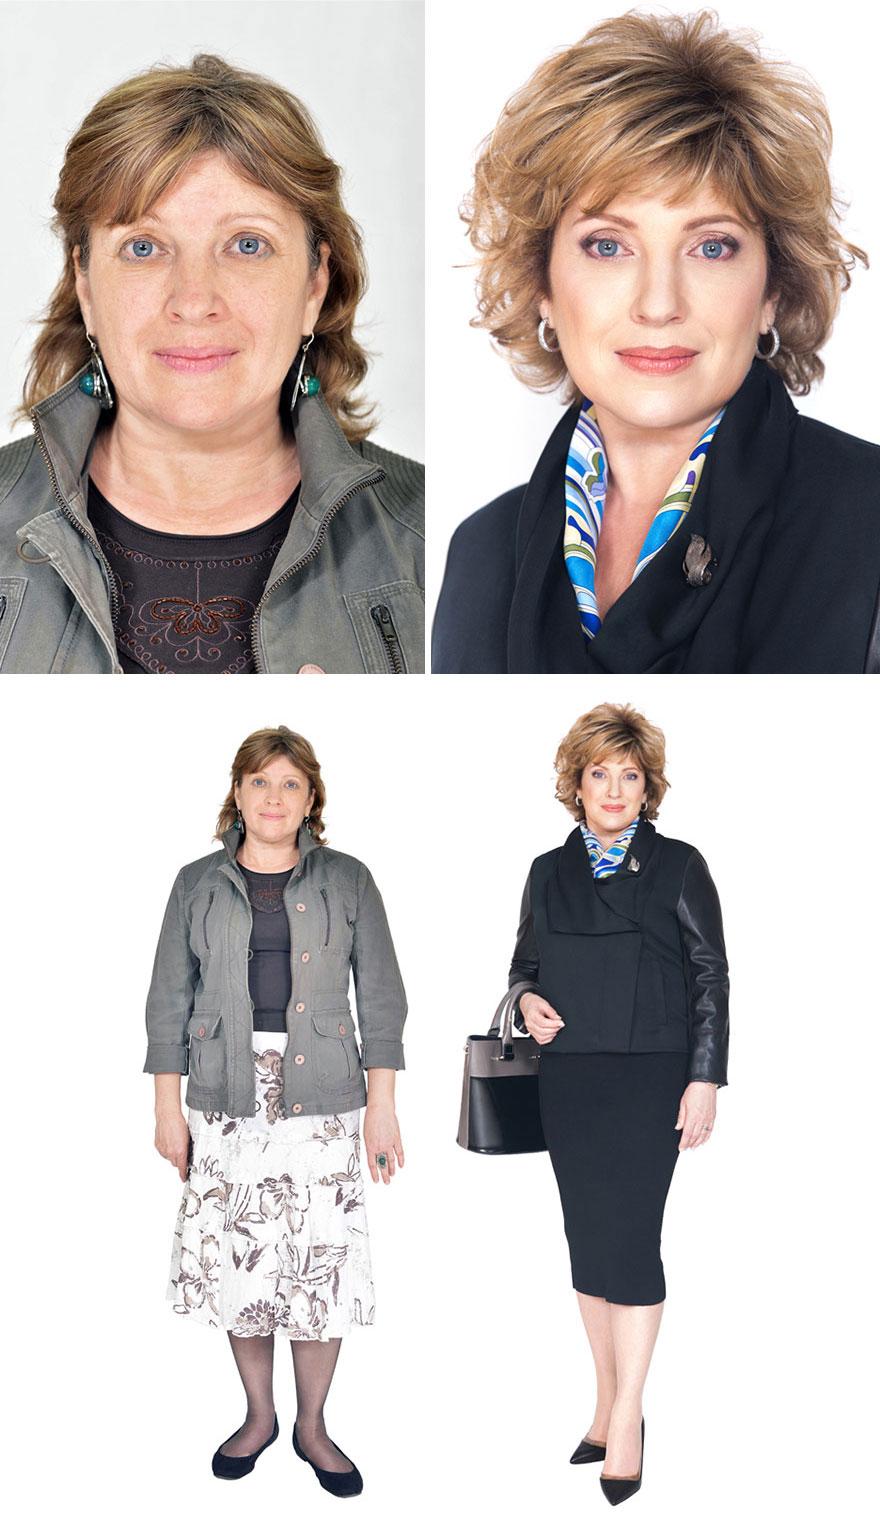 fotos-antes-despues-mujeres-cambio-estilo-bogomolov-35